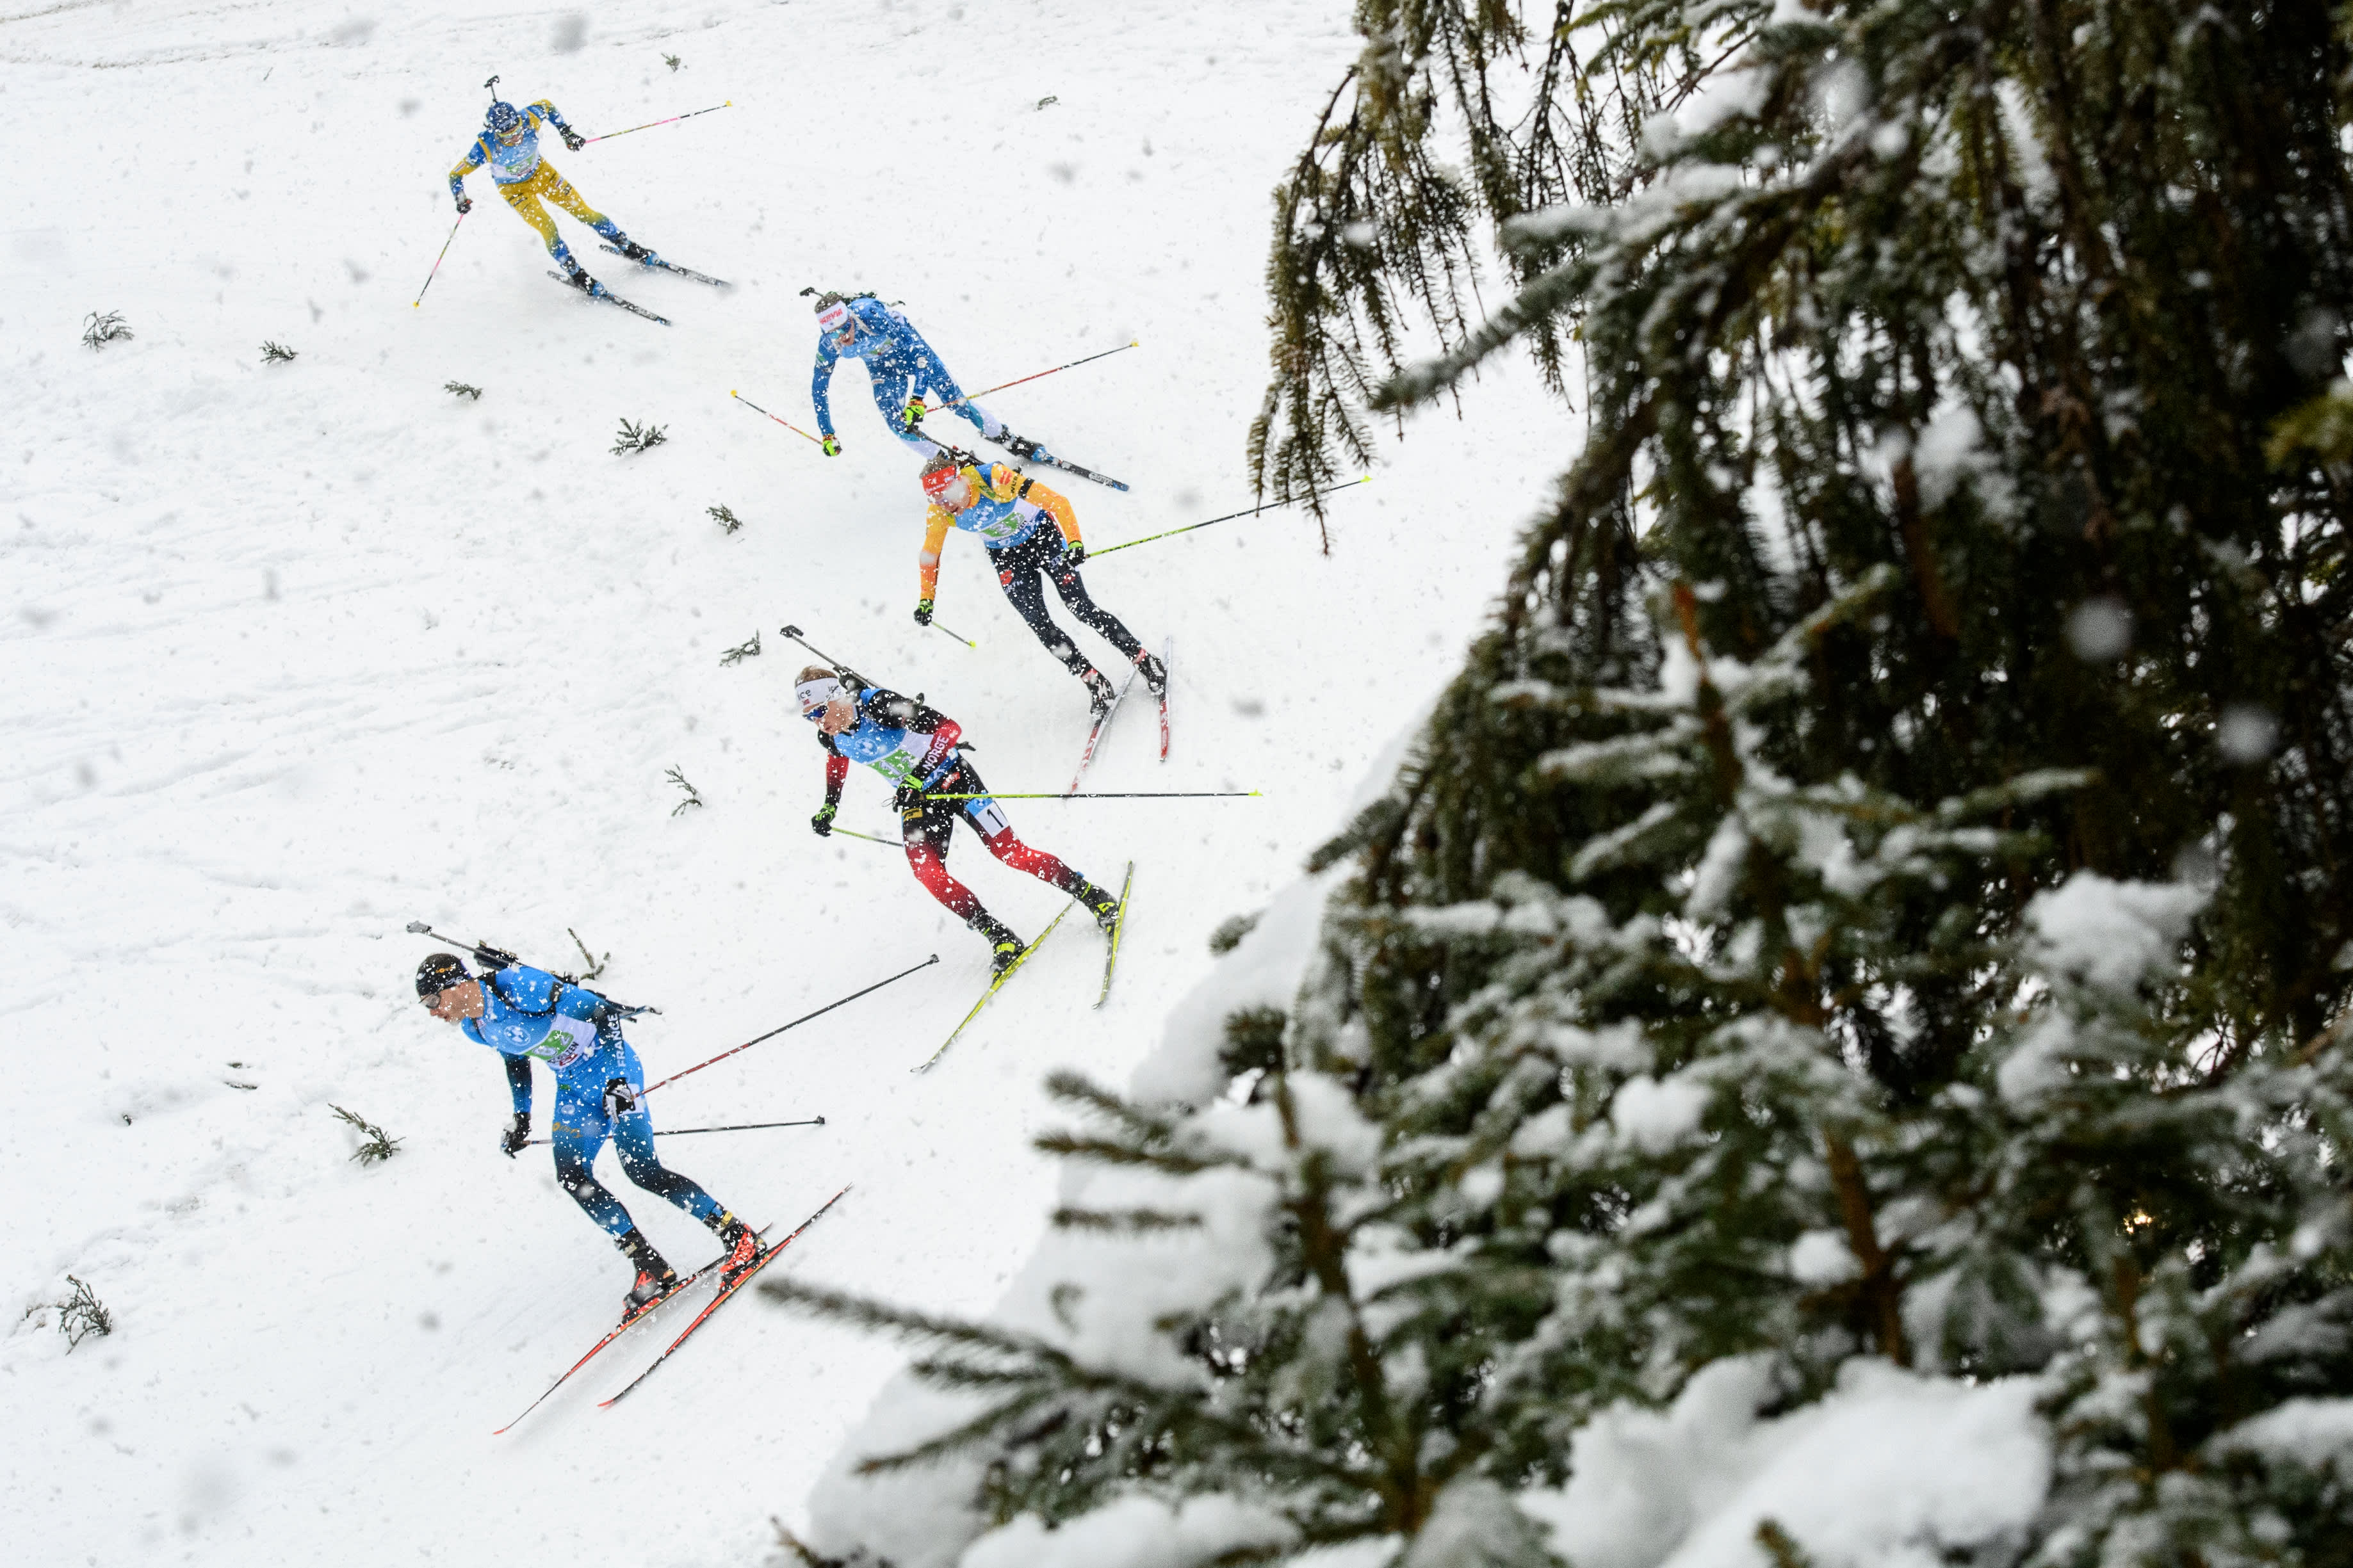 Tero Seppälä kamppaili vielä toisella osuudella huippumaita vastaan kärjessä. Tässä hän on kolmantena Ranskan ja Norjan perässä.